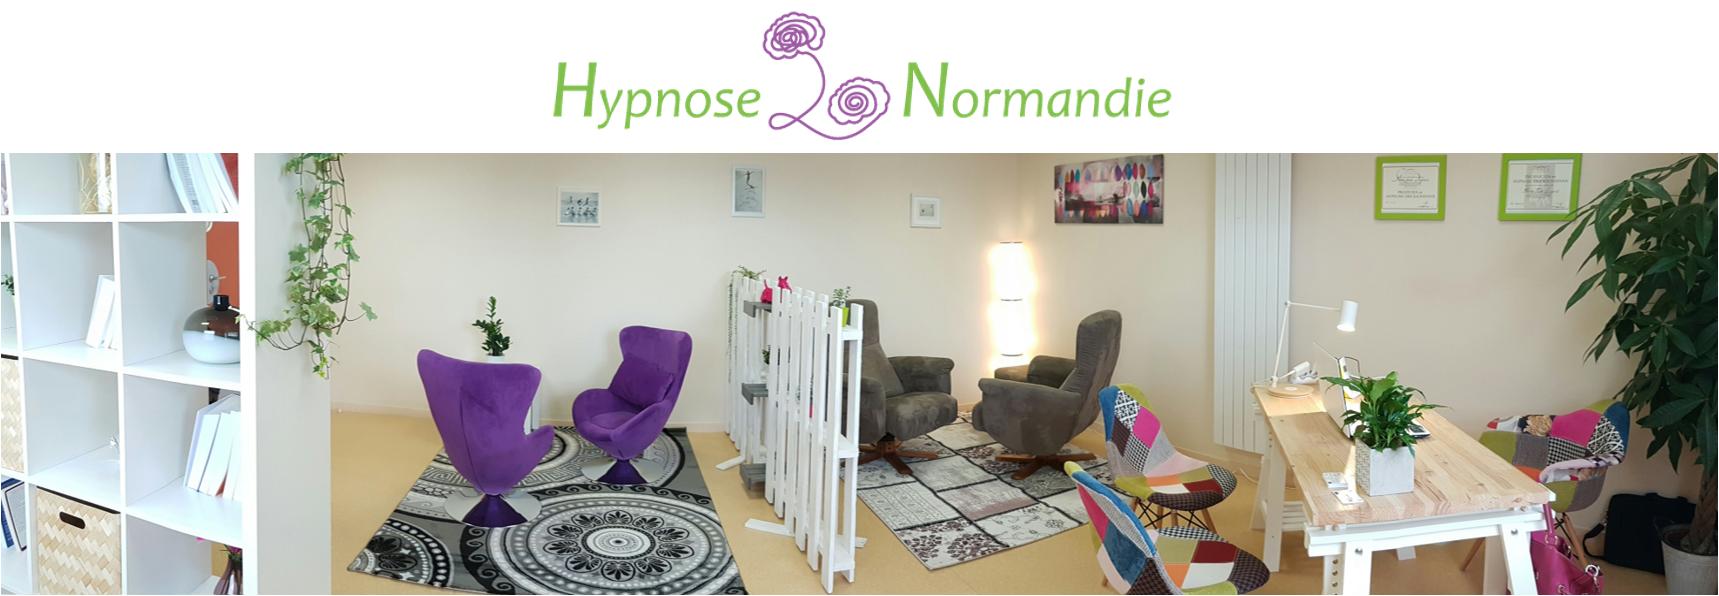 Cabinet hypnose gavray Anne-Laure DUPUIS ARCHE Hypnothérapeute